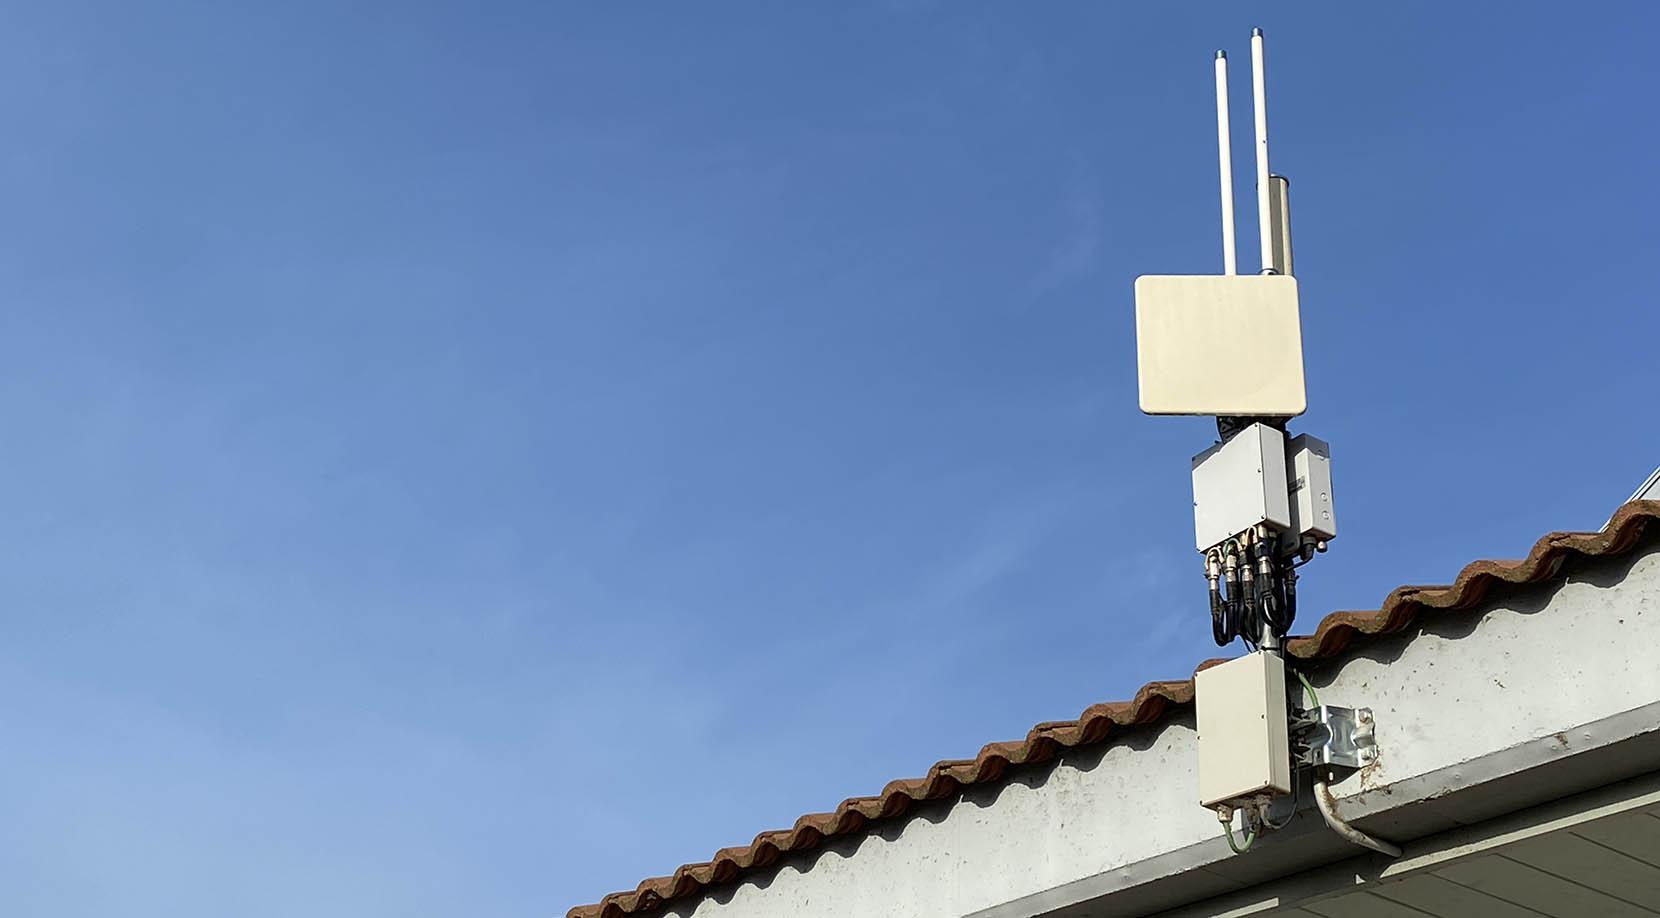 31 Antennen sind im gesamten Komplex verteilt, damit Sie die Verbindung nicht verlieren.